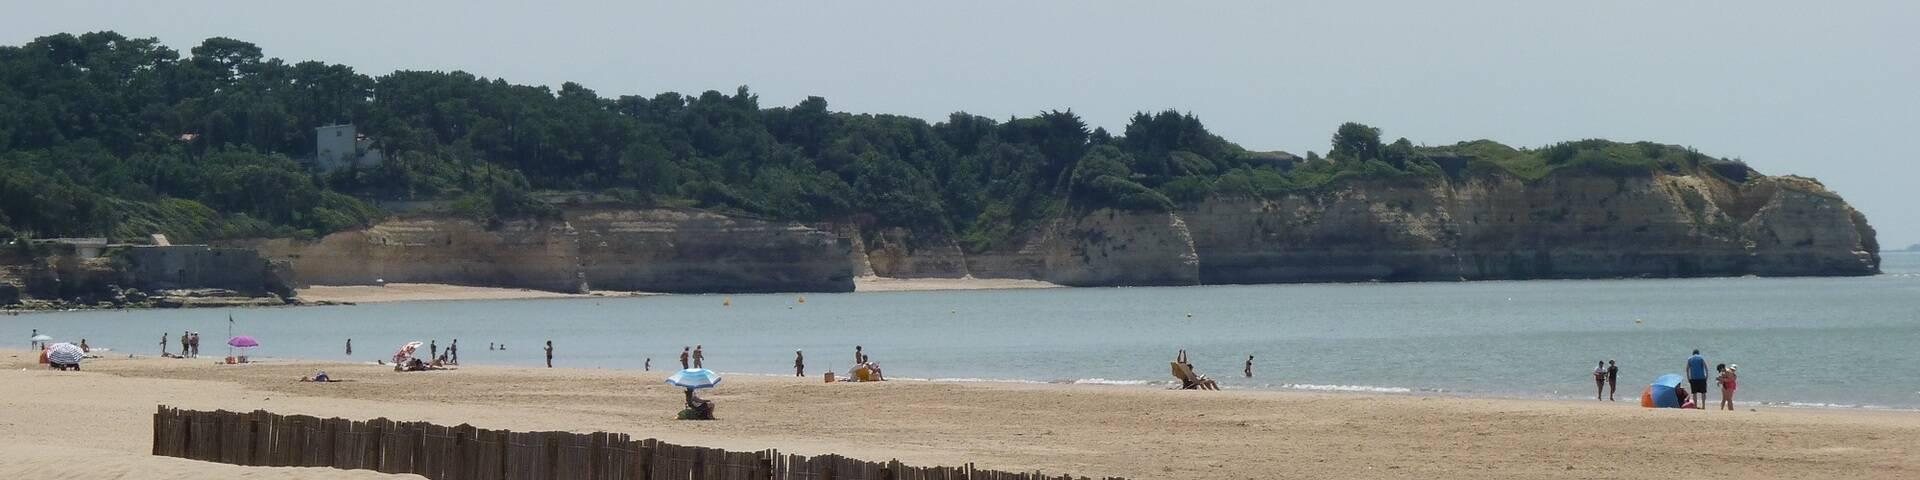 Het strand van Saint-Georges en de Pointe de Suzac - ©P.Migaud / FDHPA17